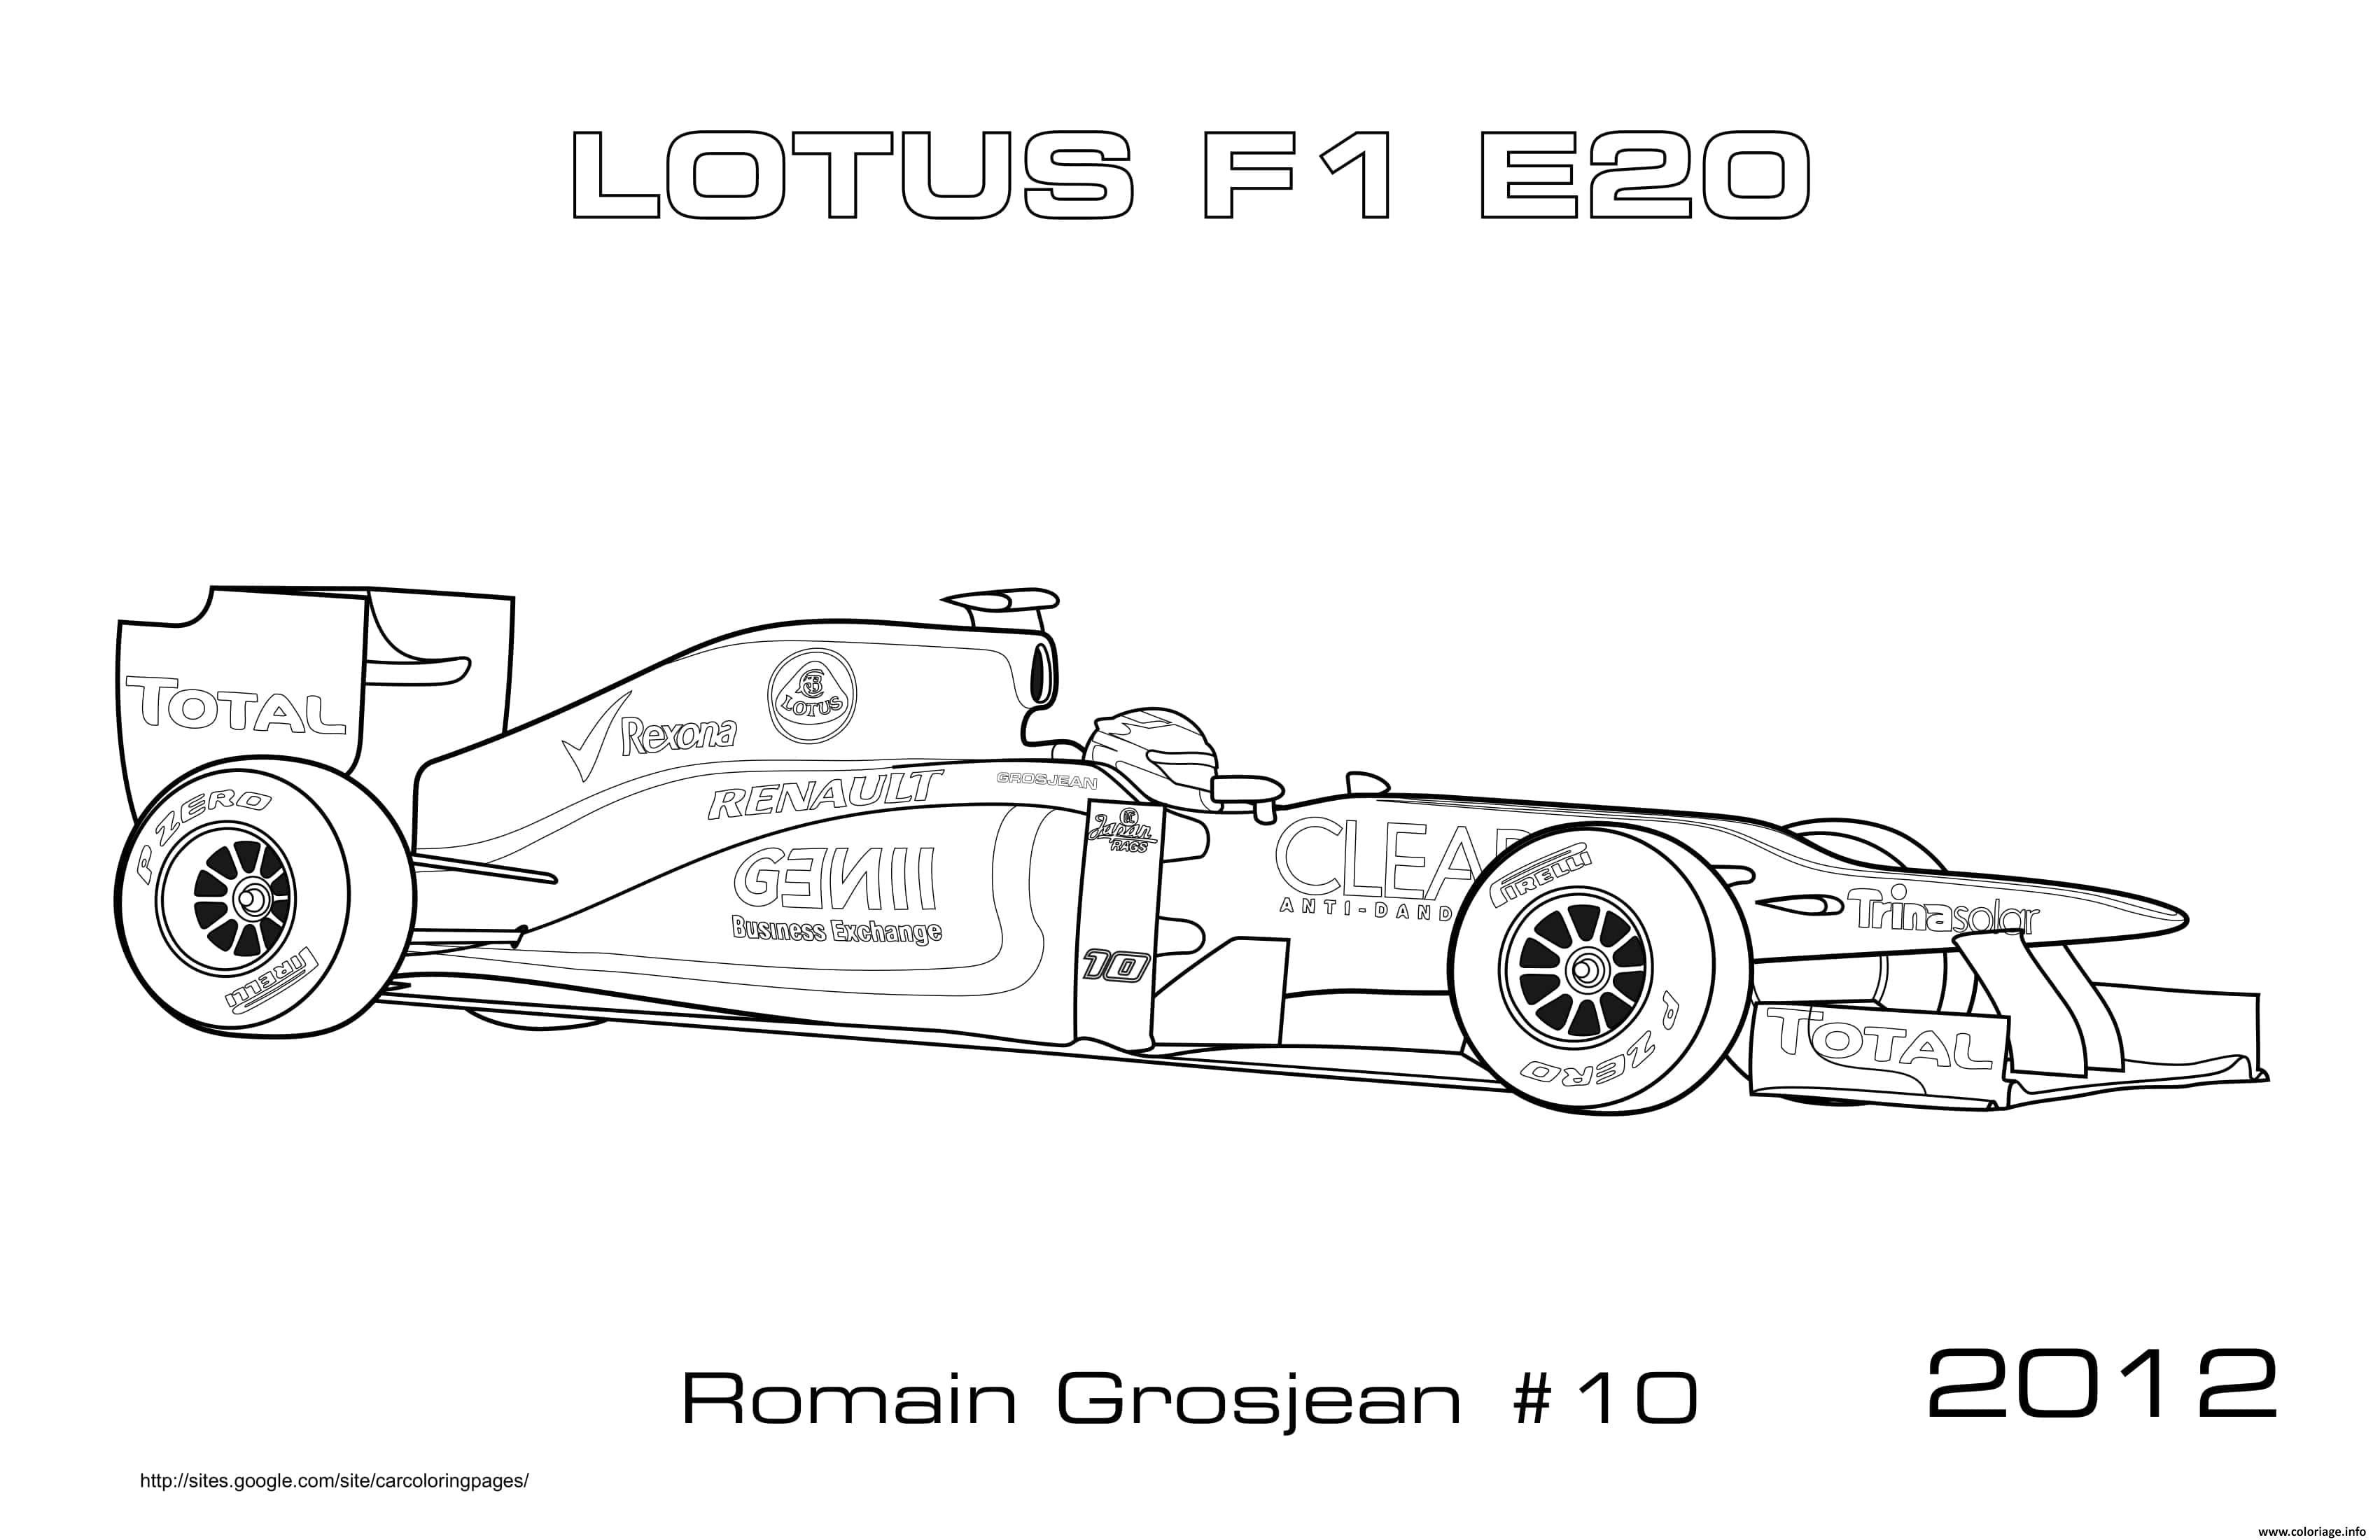 Dessin F1 Lotus E20 Romain Grosjean 2012 Coloriage Gratuit à Imprimer